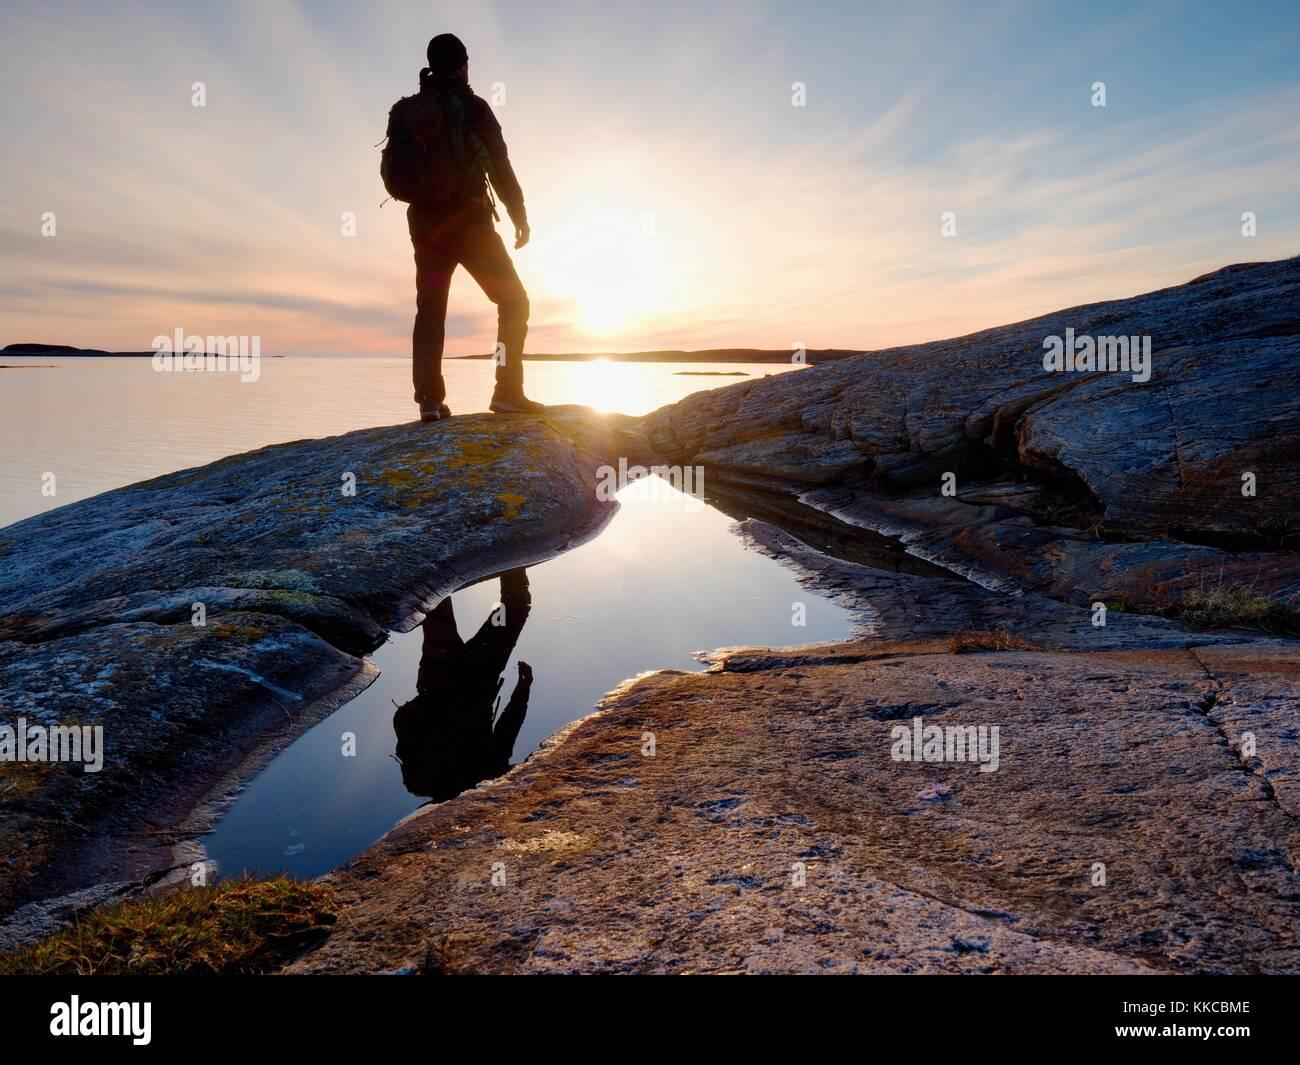 Tall backpacker guarda chiara primavera soleggiata alba sopra il livello del mare. Escursionista con zaino stare Immagini Stock